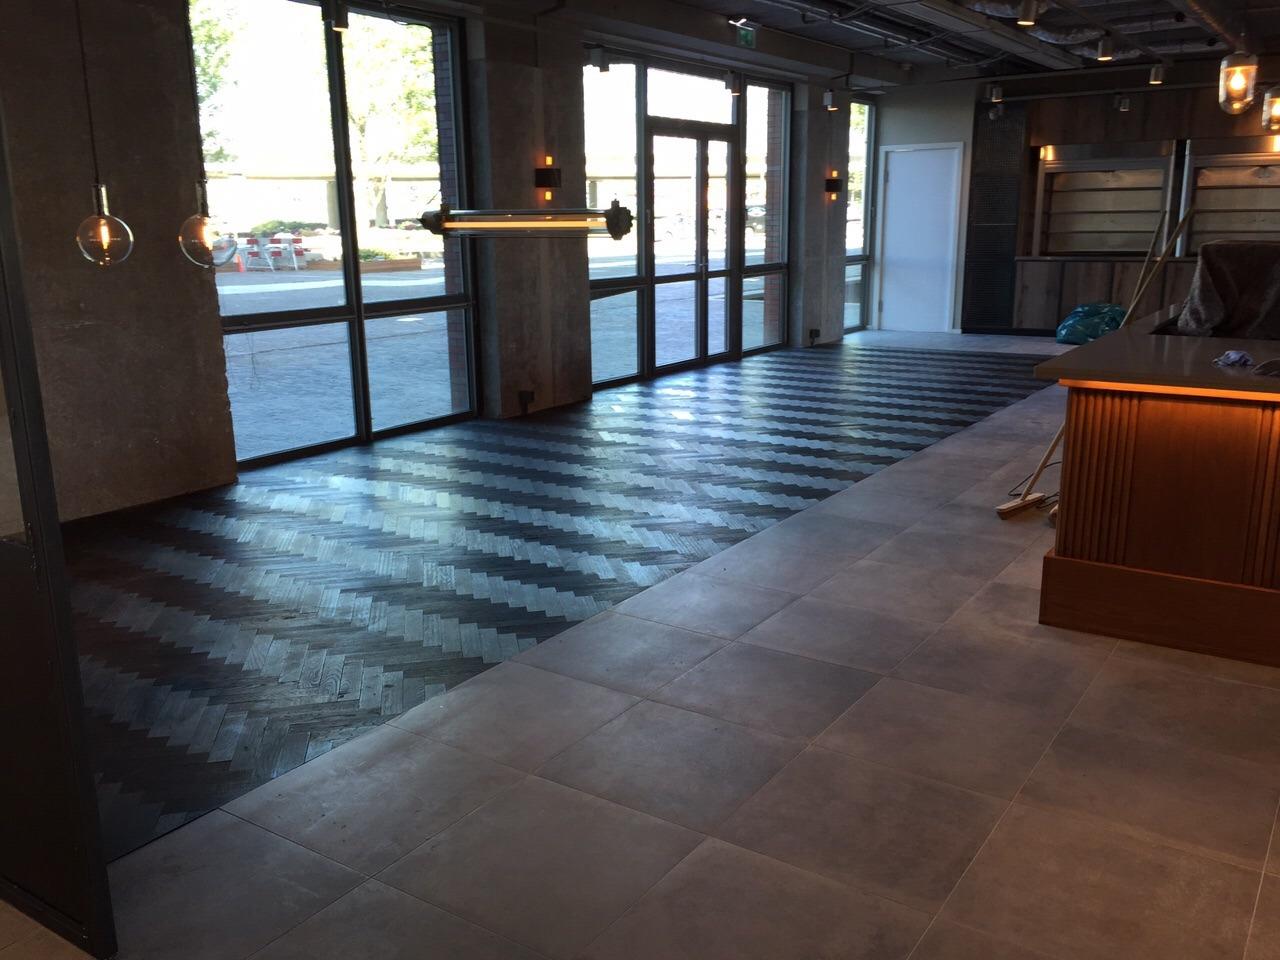 Woonkamer met donkerbruine visgraat vloer inrichting huis